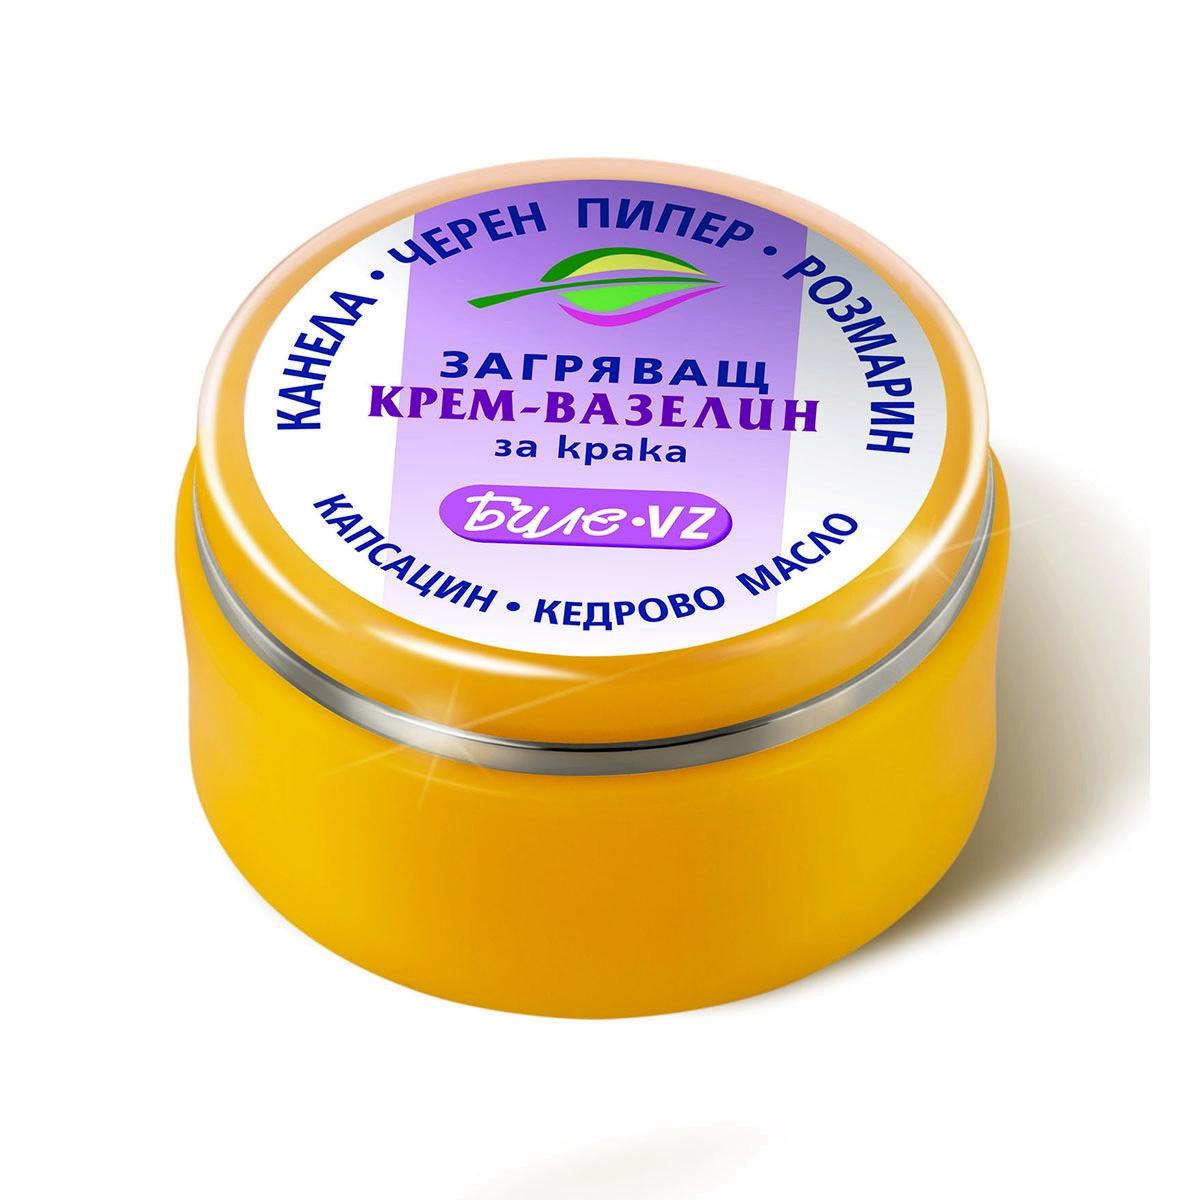 Heating cream-vaseline for cold feet Bille-VZ Bodi Beauty